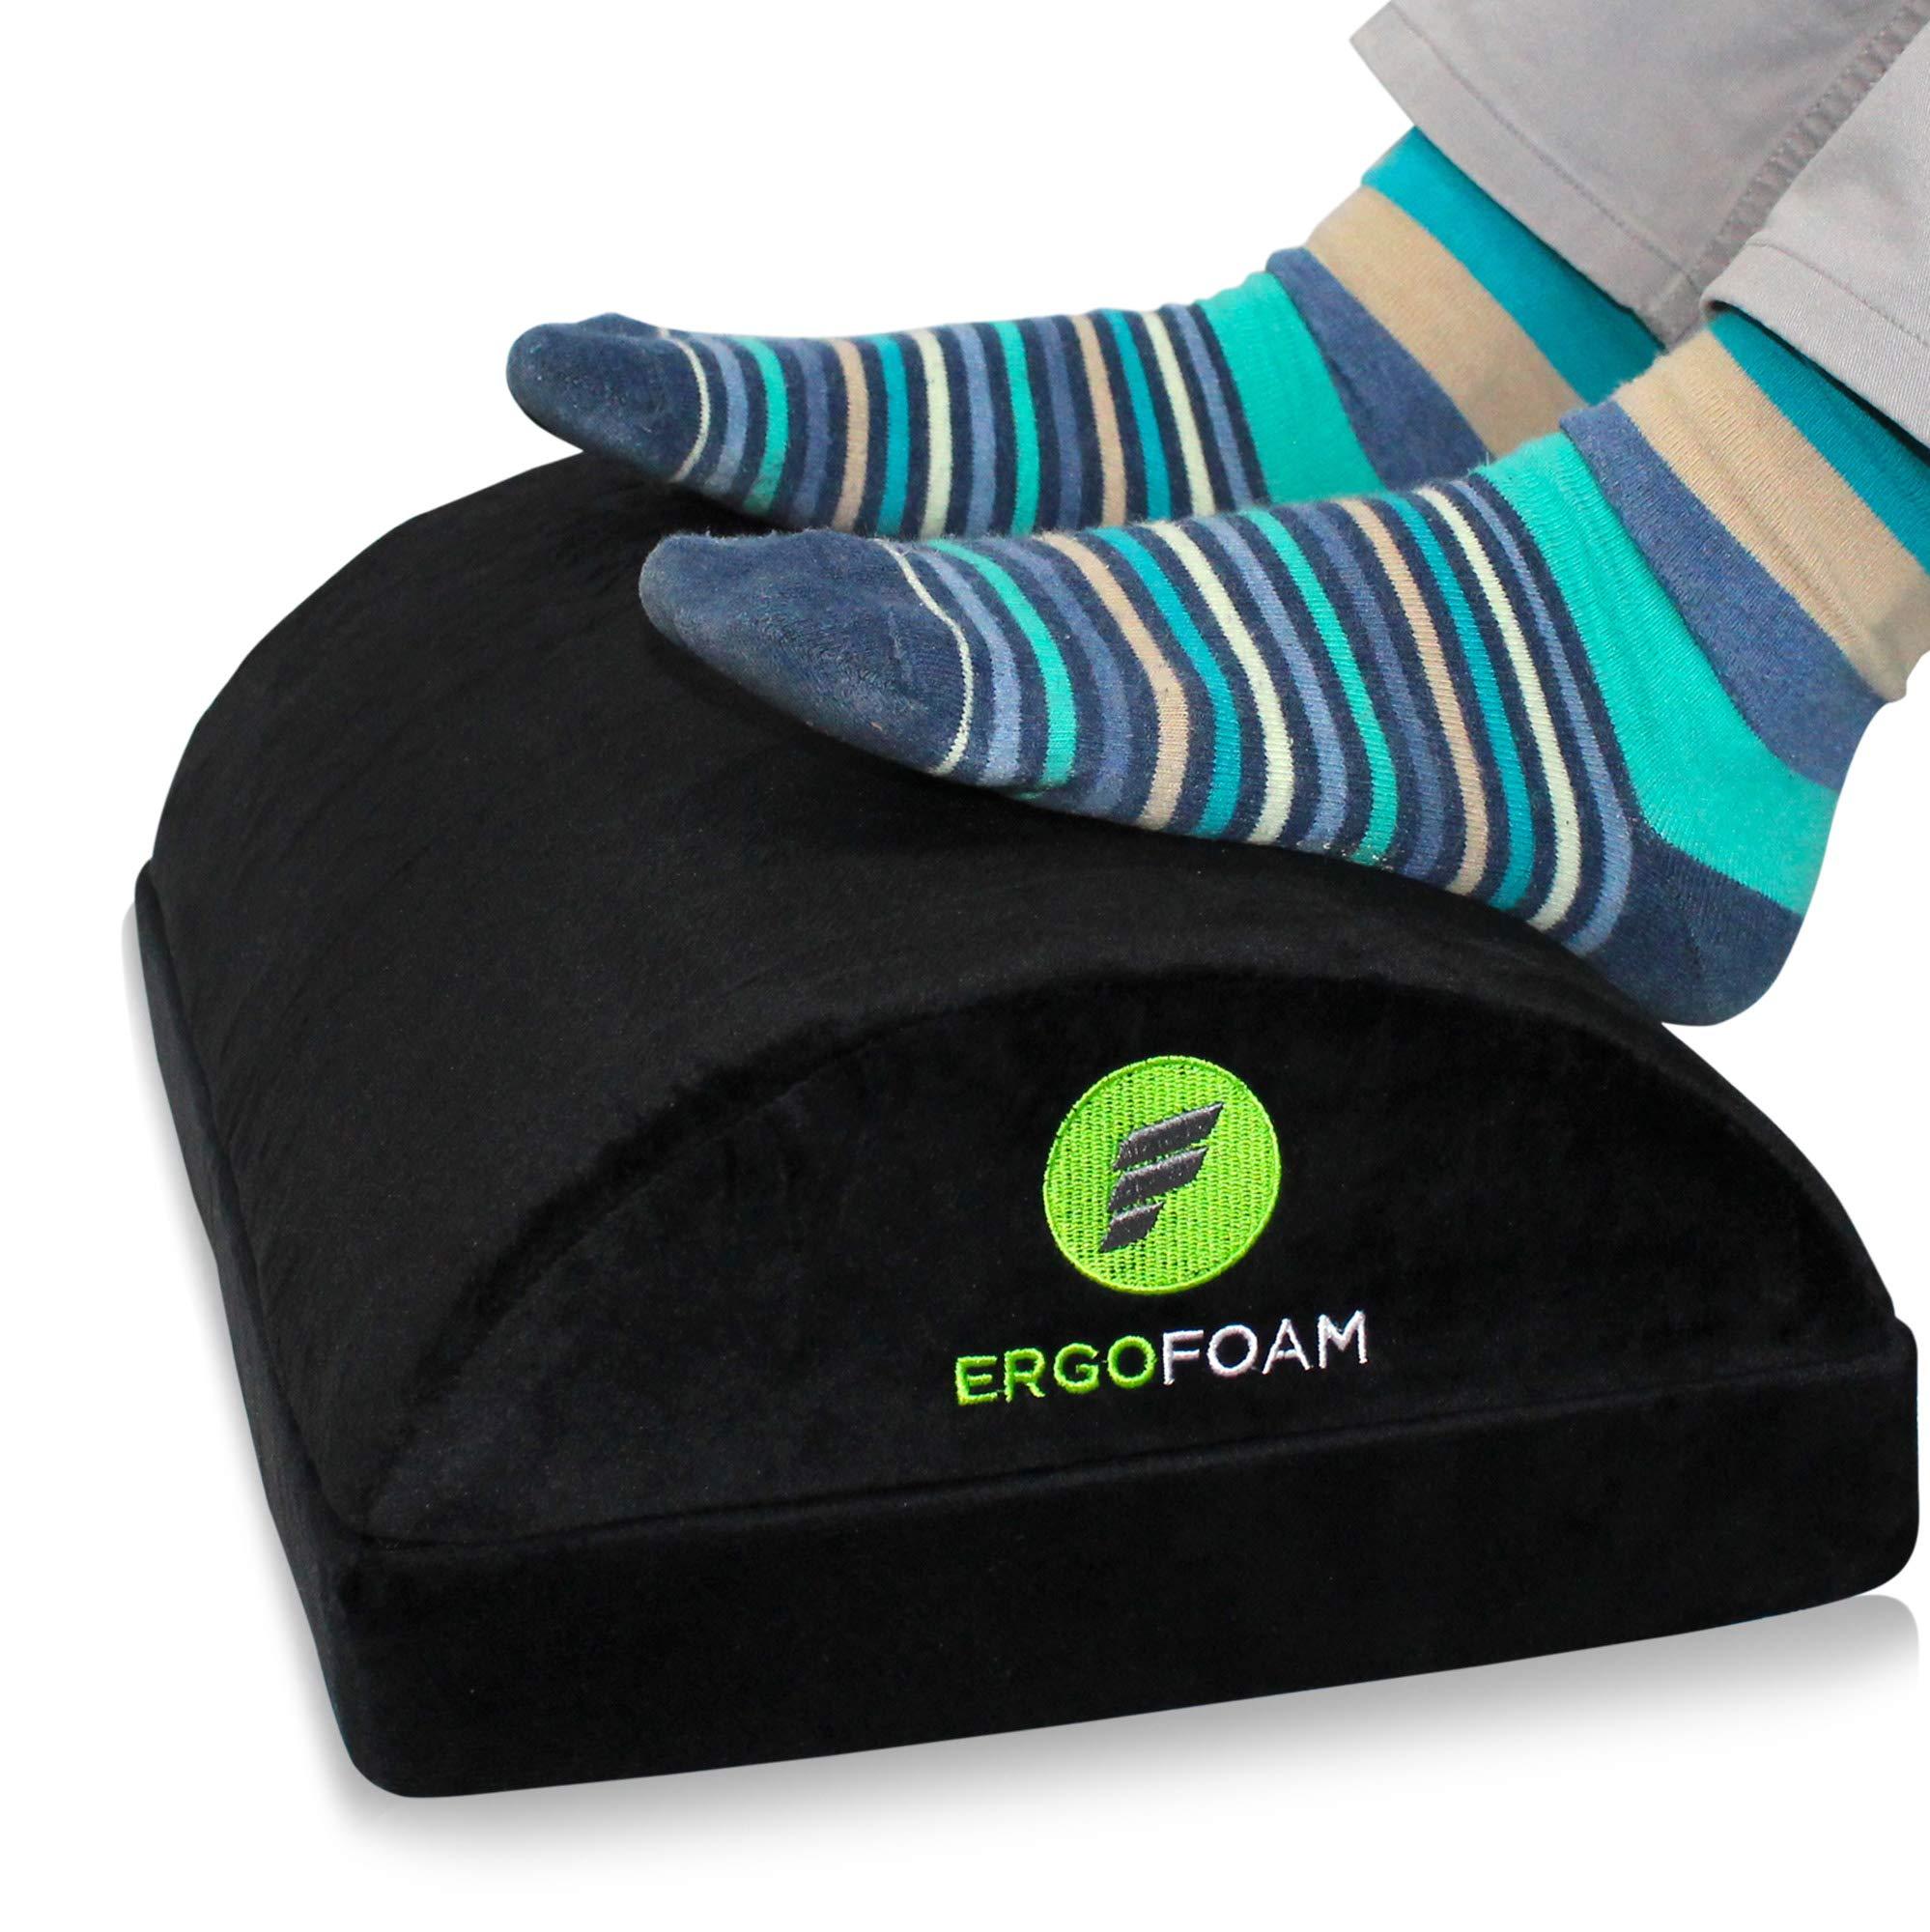 ErgoFoam Adjustable Foot Rest Under Desk for Added Height   Large Premium Velvet Soft Foam Footrest for Desk   Most Comfortable Desk Foot Rest in The World for Back, Lumbar, Knee Pain (Black) by ErgoFoam